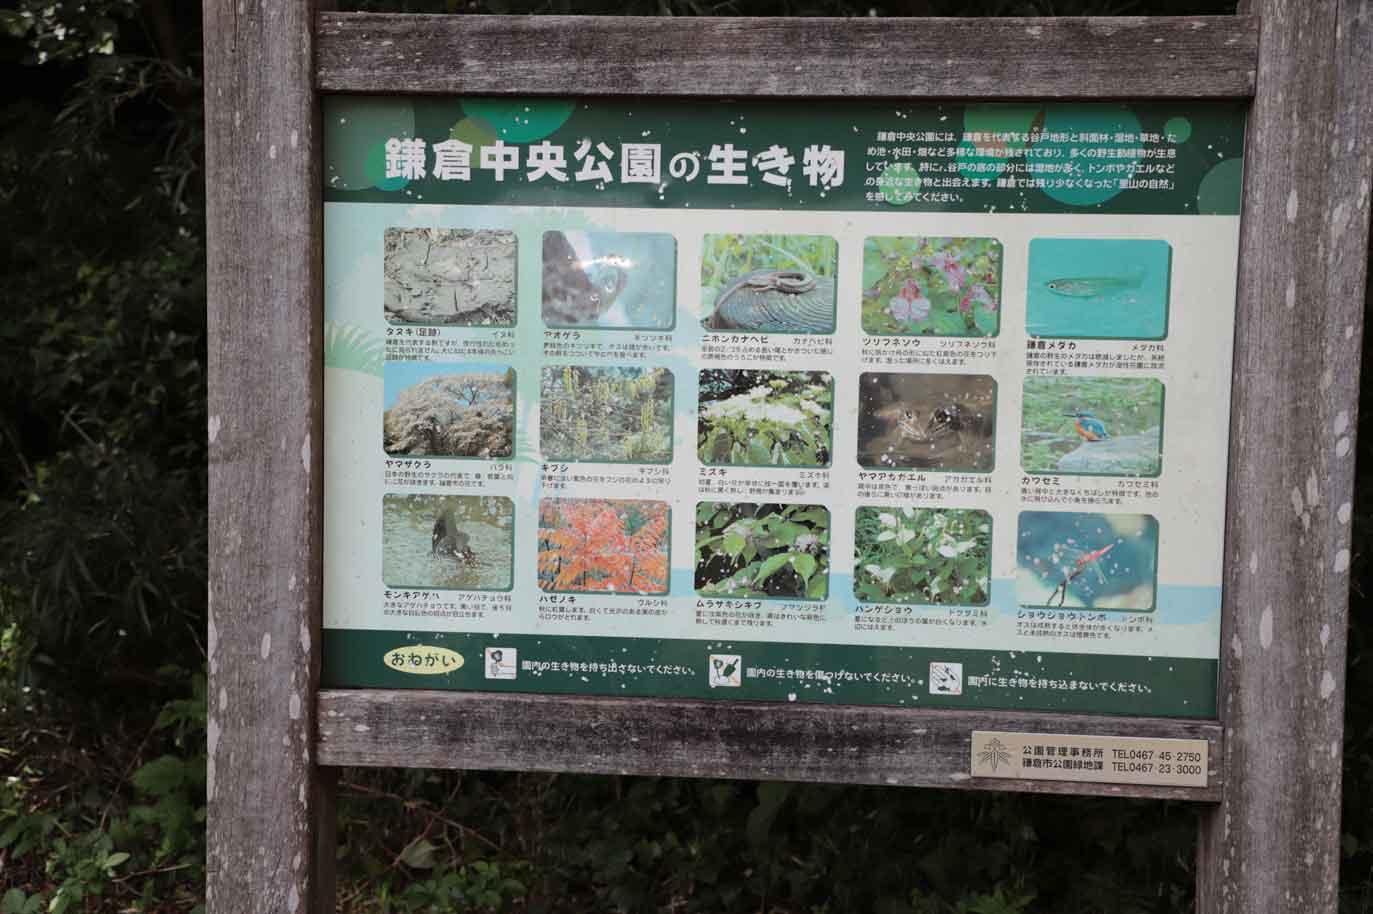 鎌倉中央公園の昆虫